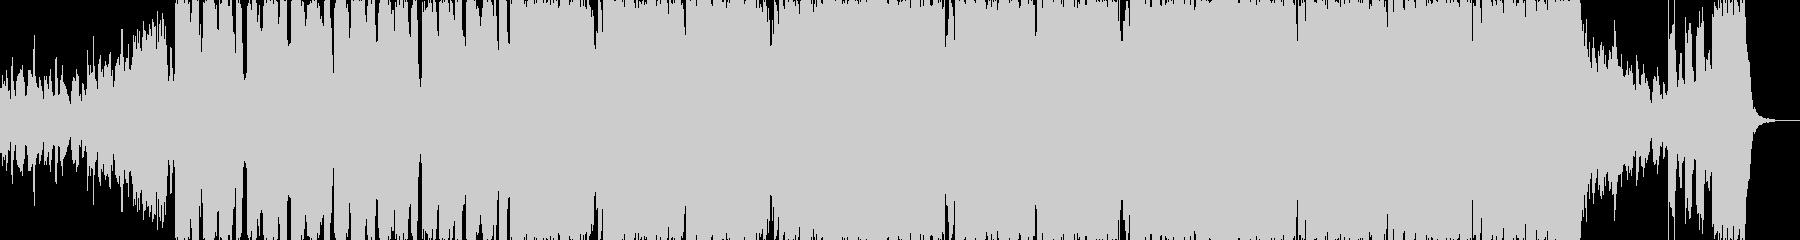 ピチカートドラムンベースエレクトロbの未再生の波形